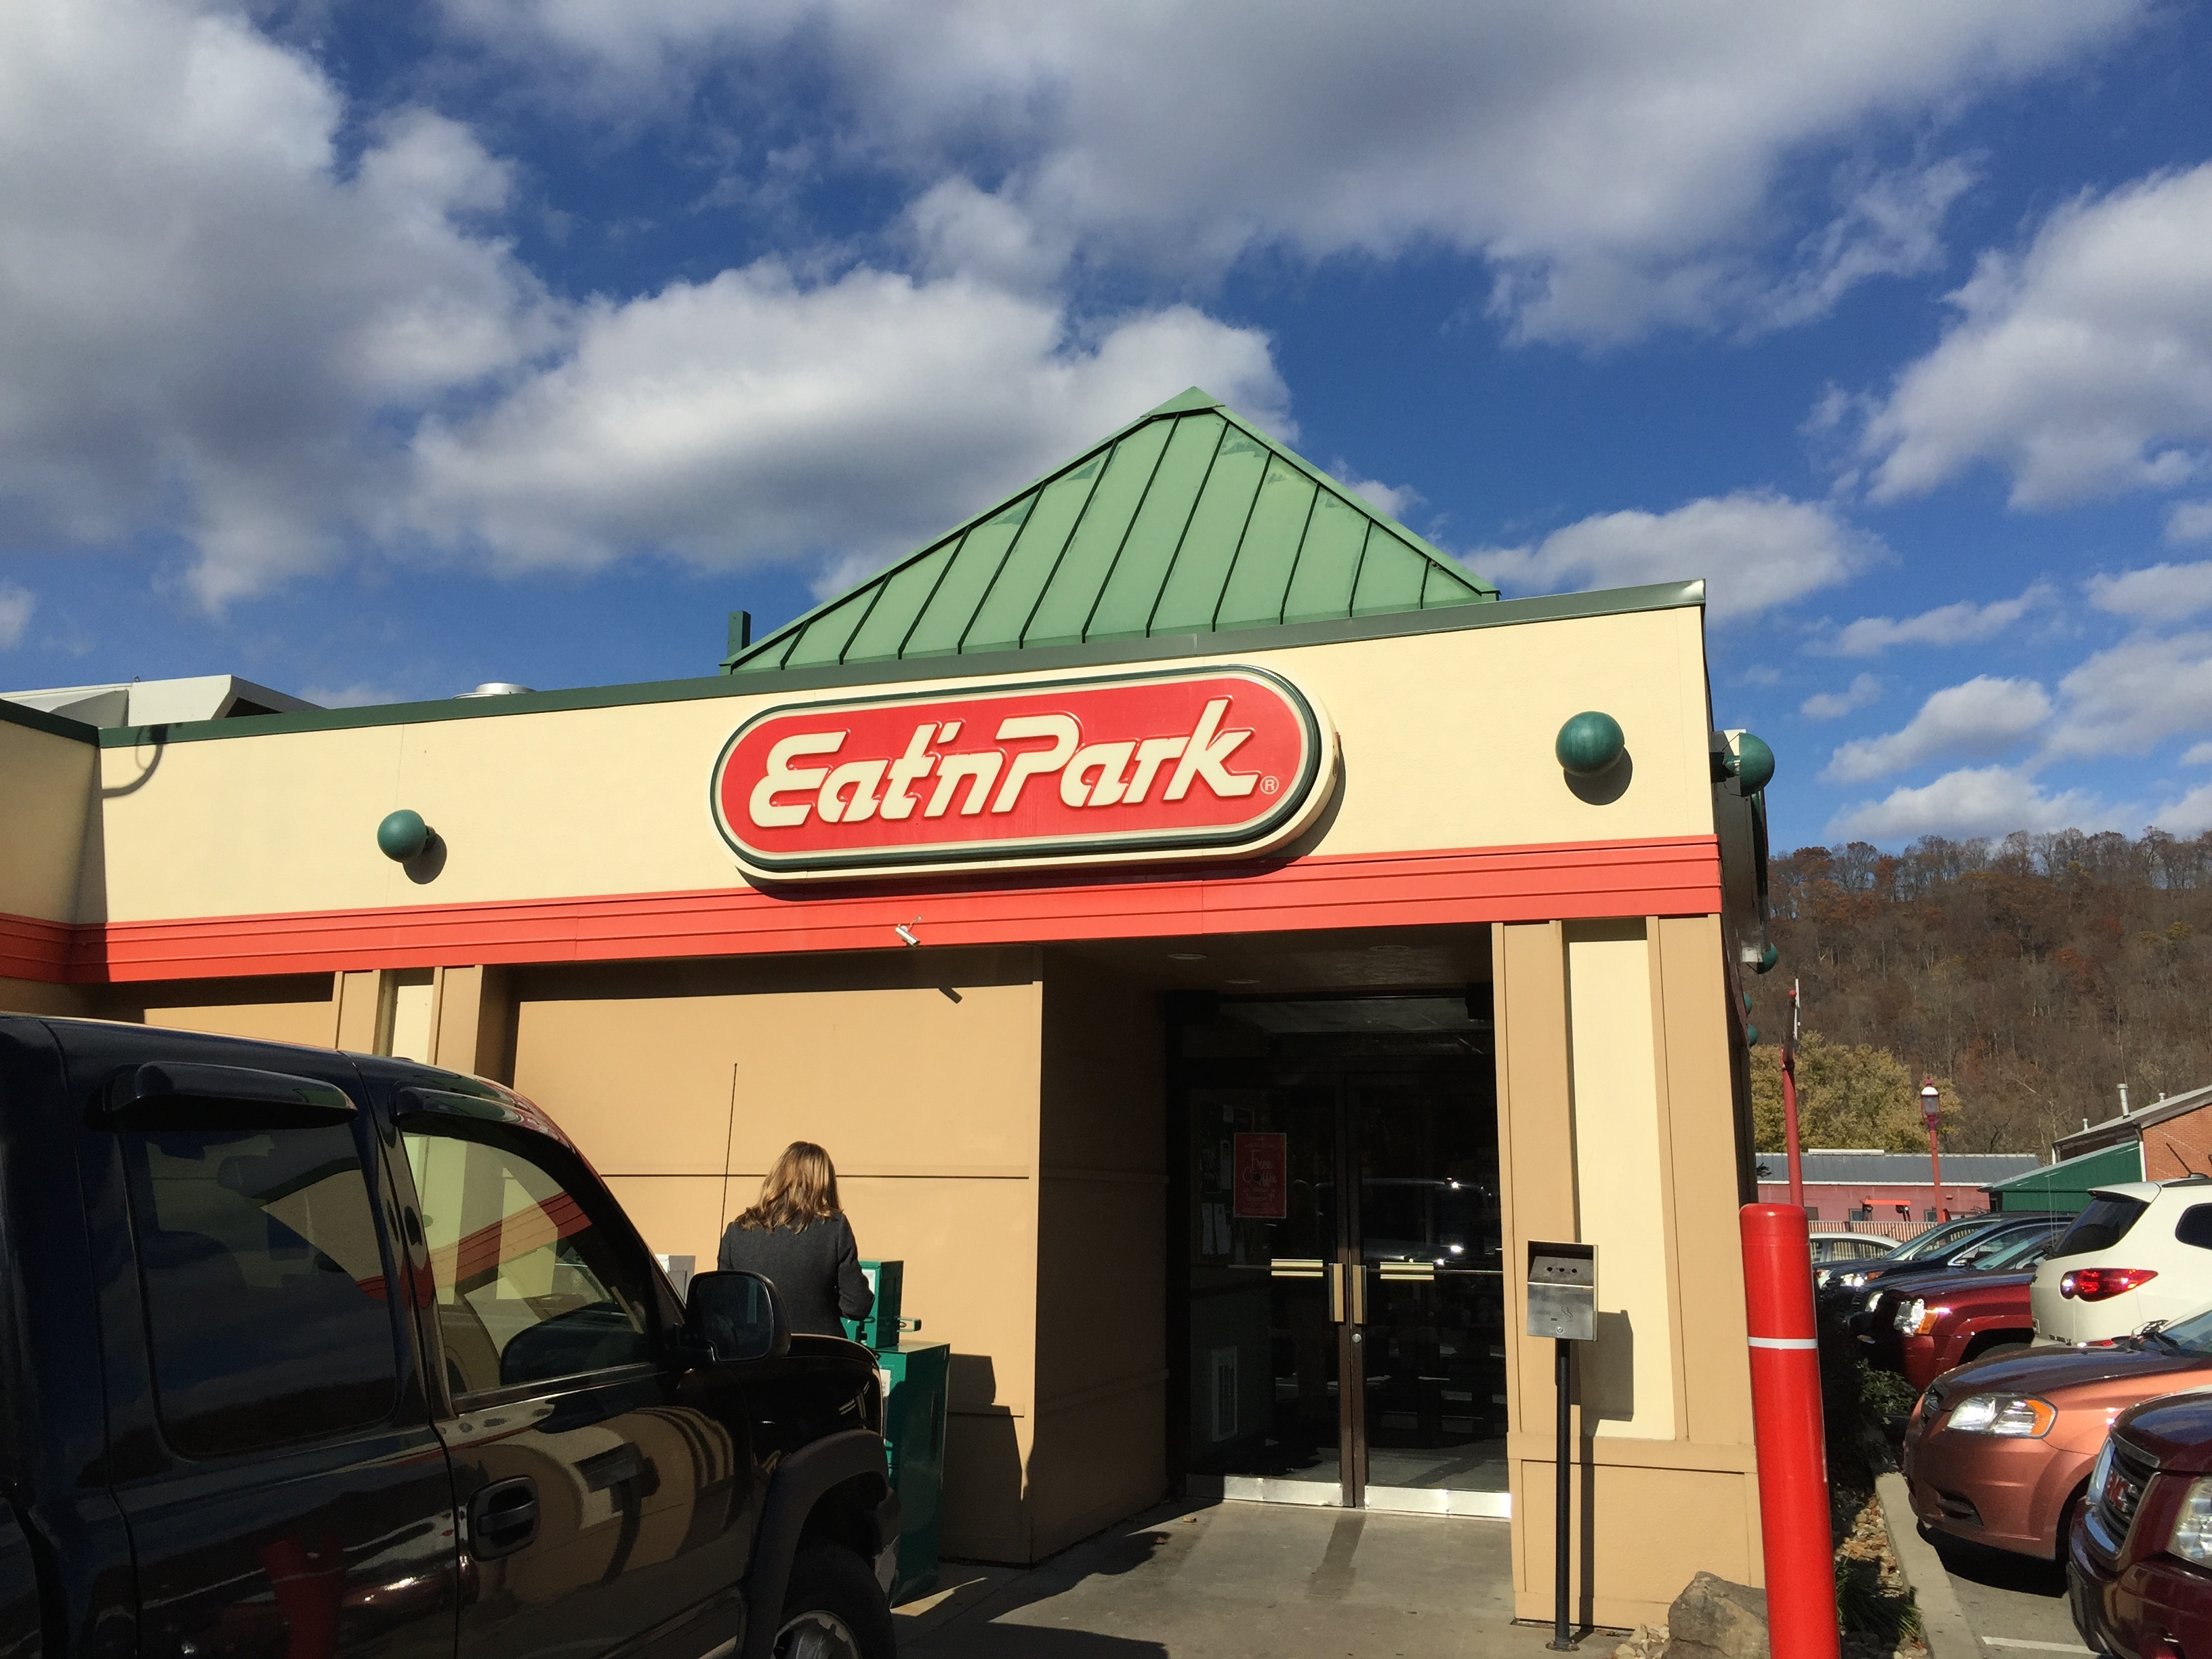 Eat'n Park, Monongahela, PACooks and Eats